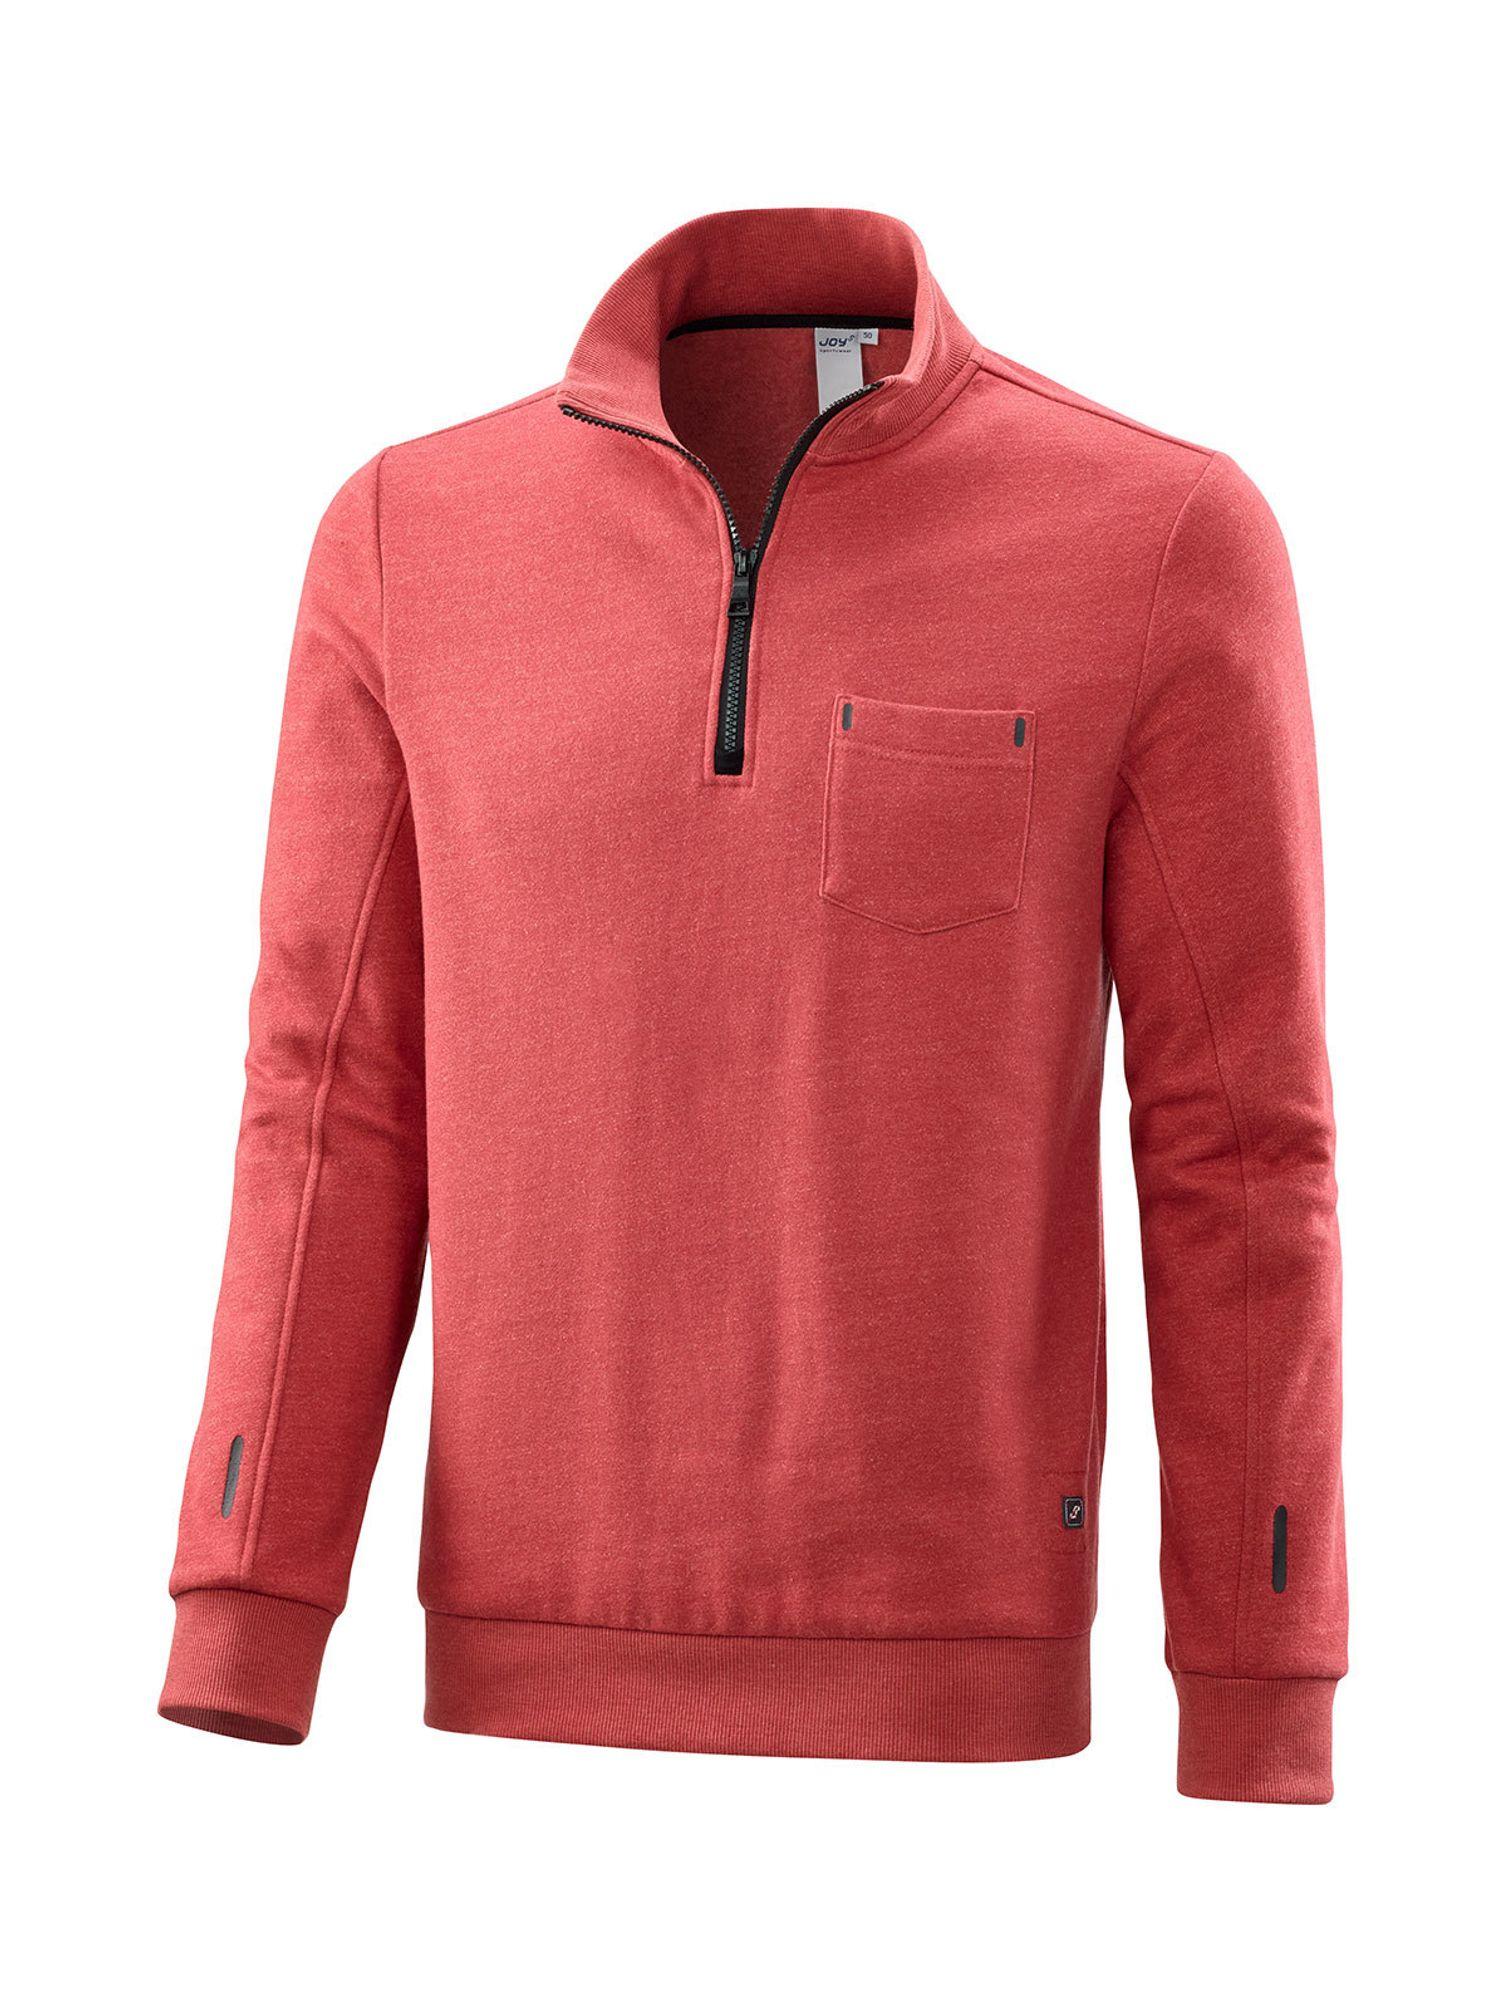 große sorten beste Wahl neue hohe Qualität Joy - Herren Sport und Freizeit Sweatshirt mit Brusttasche, Julian (40227 A)